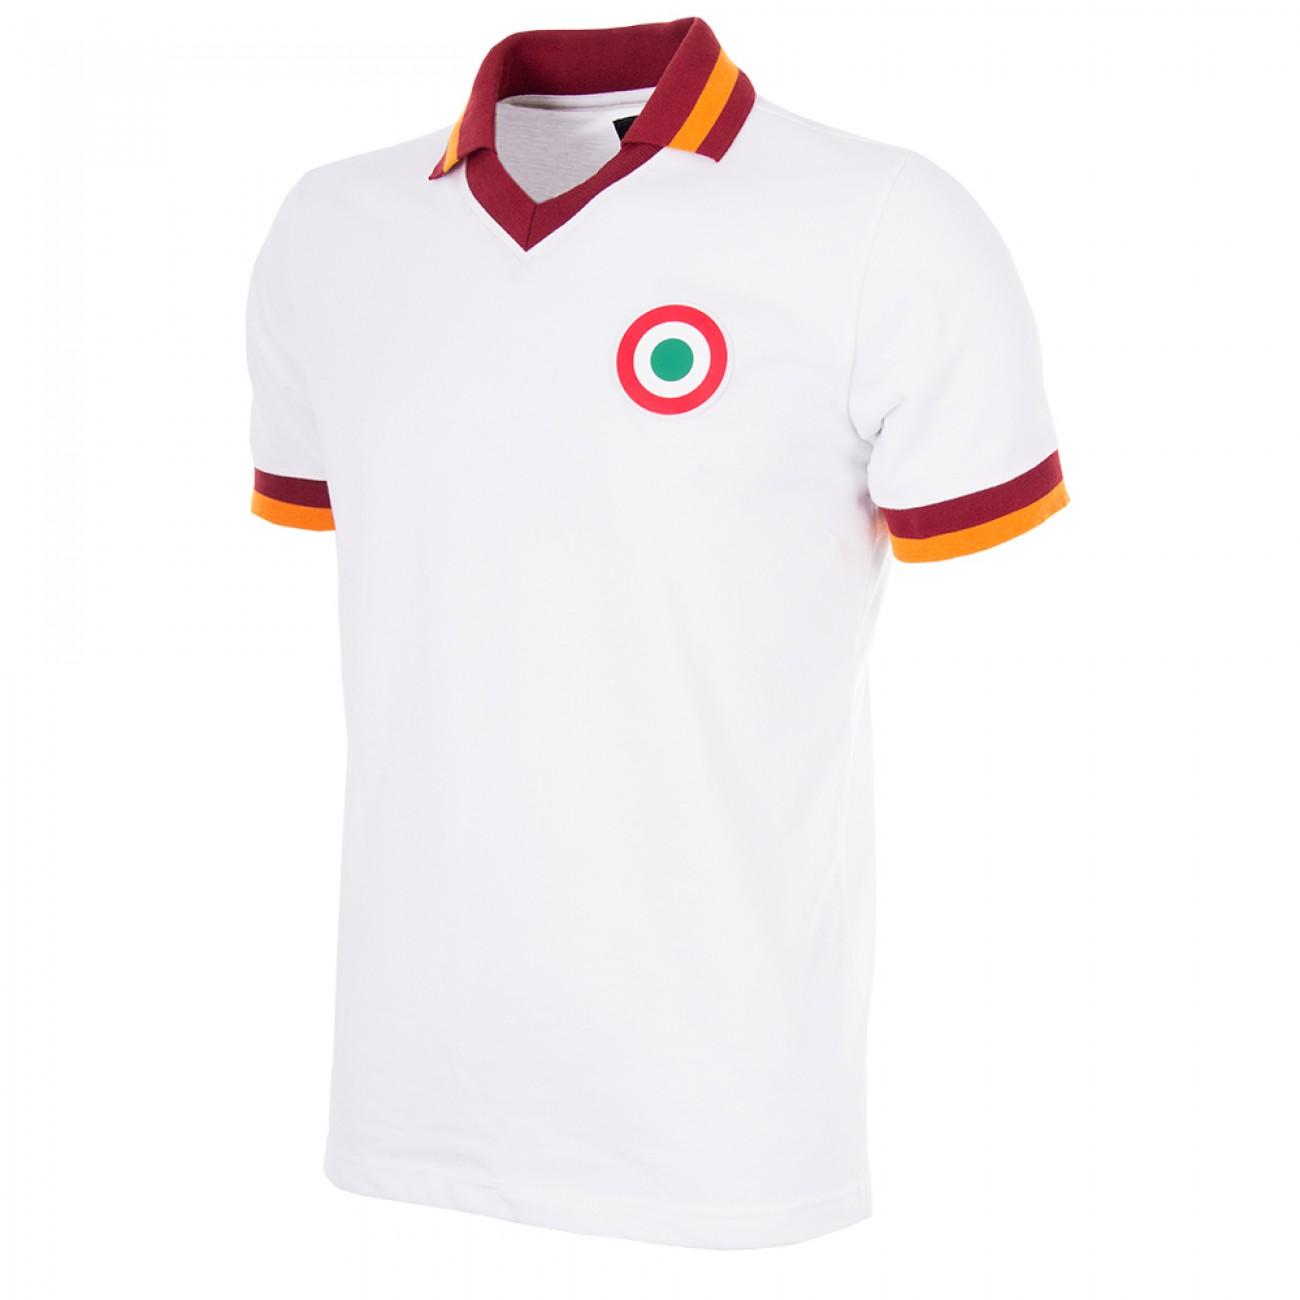 http://www.retrofootball.es/ropa-de-futbol/camiseta-as-roma-1980-81-2-equipacion.html